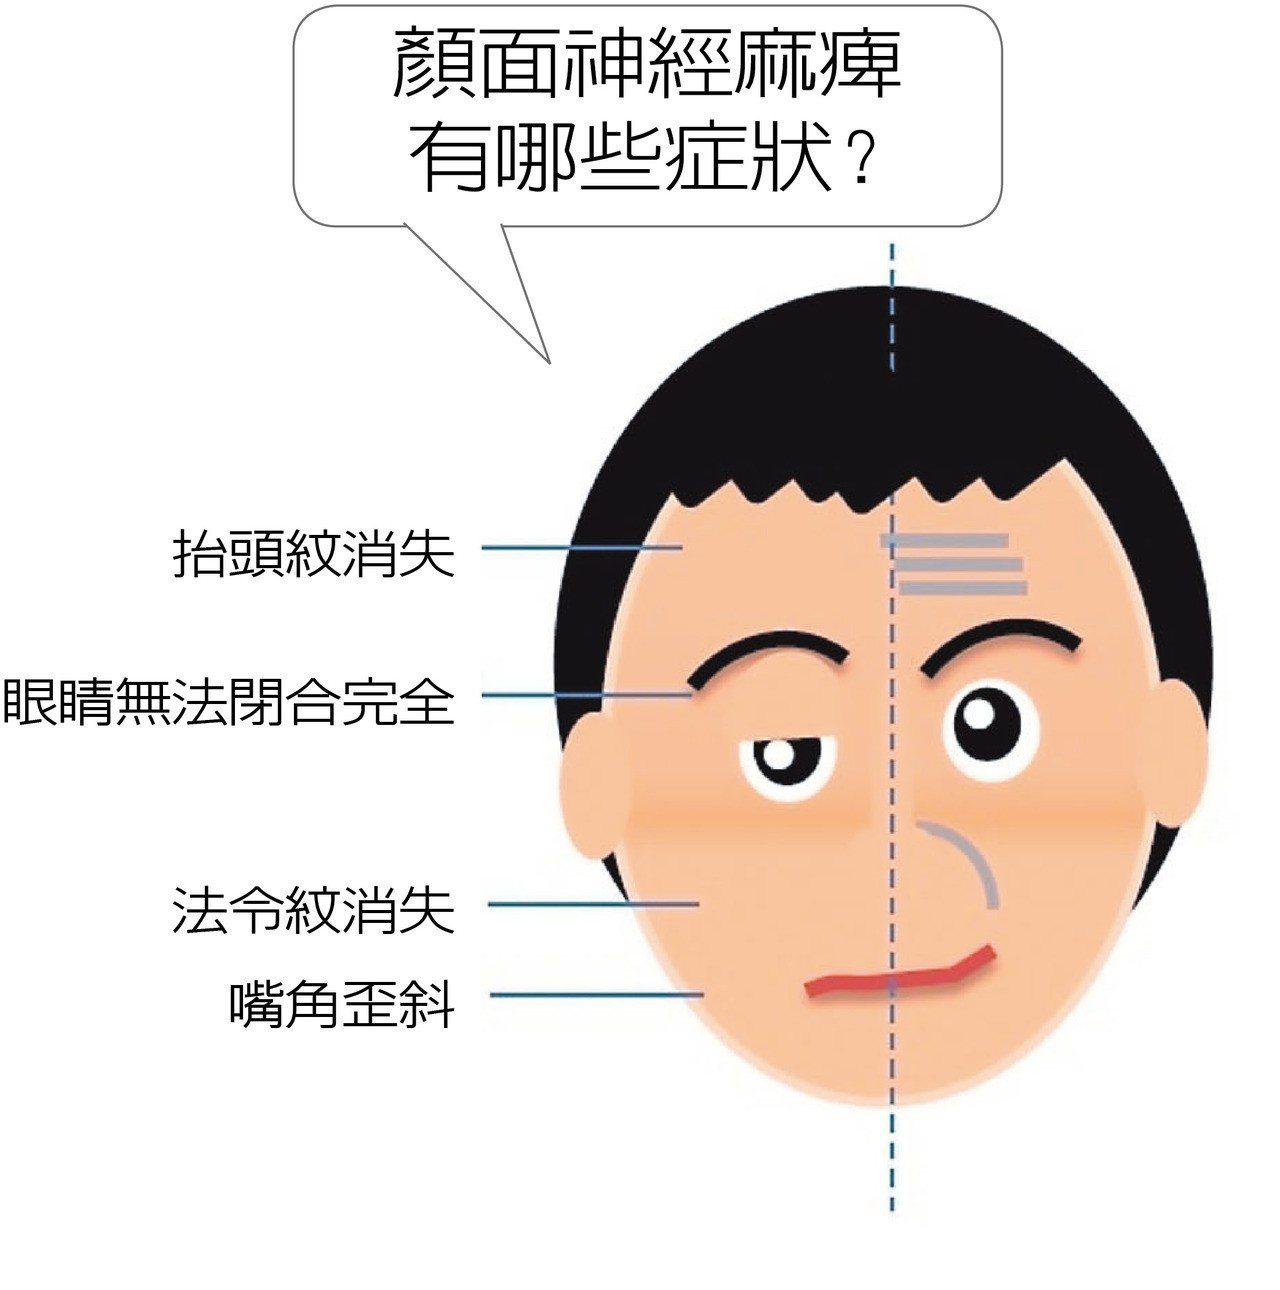 圖/蔡依錚醫師提供